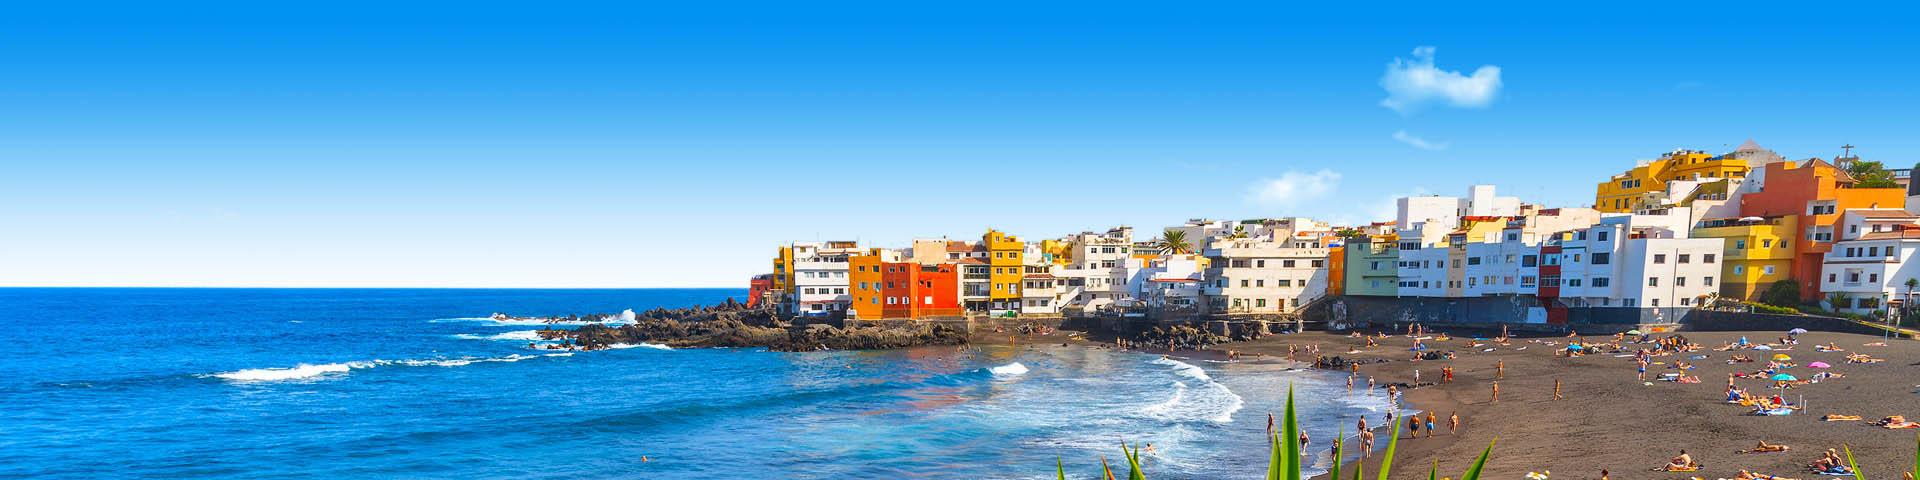 De zee en gekleurde huisjes in Puerto de la Cruz